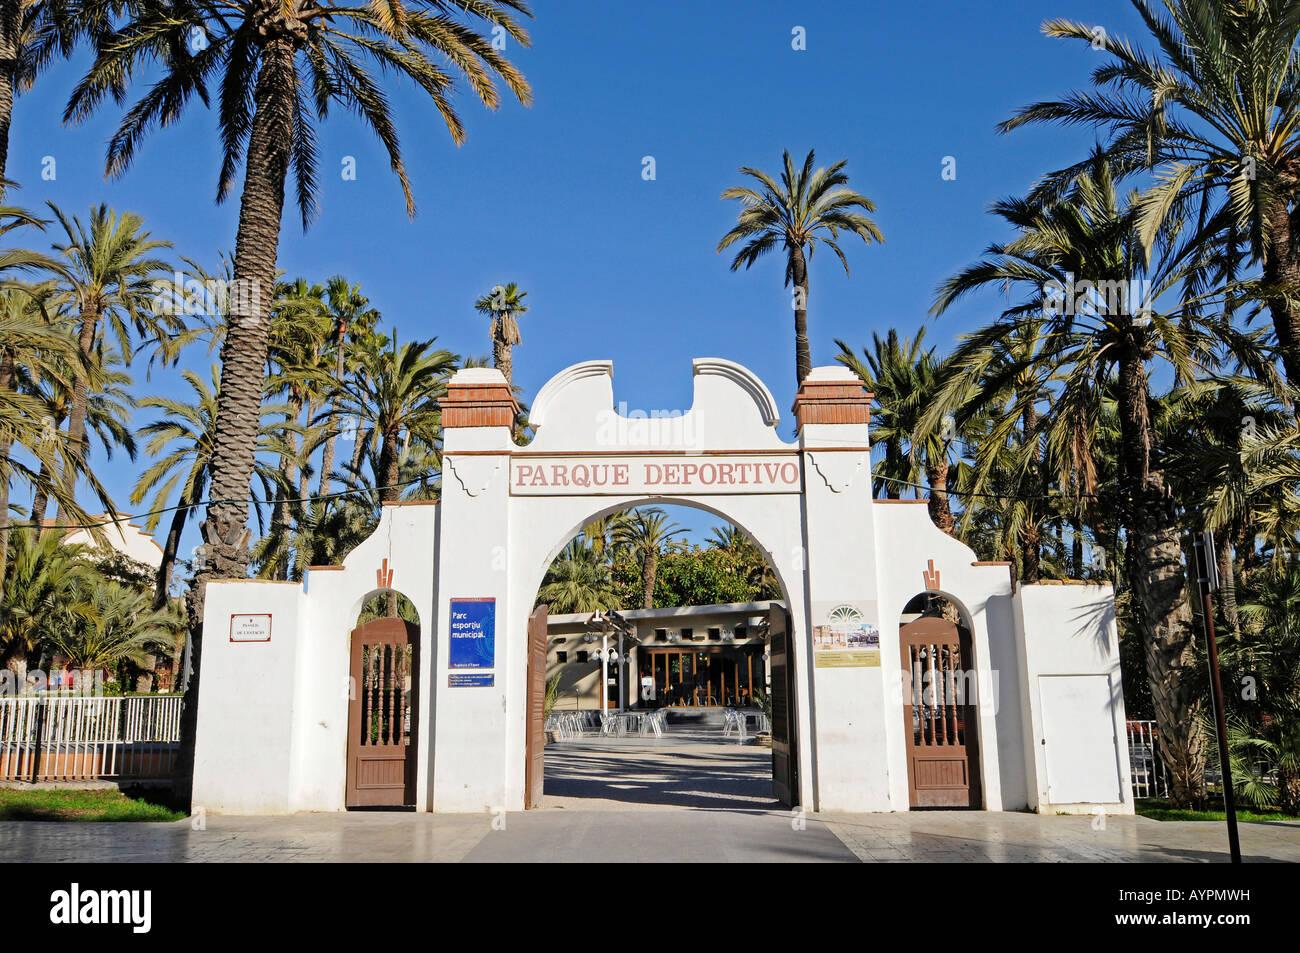 Sports center, Elche, Elx, Alicante, Costa Blanca, Spain - Stock Image